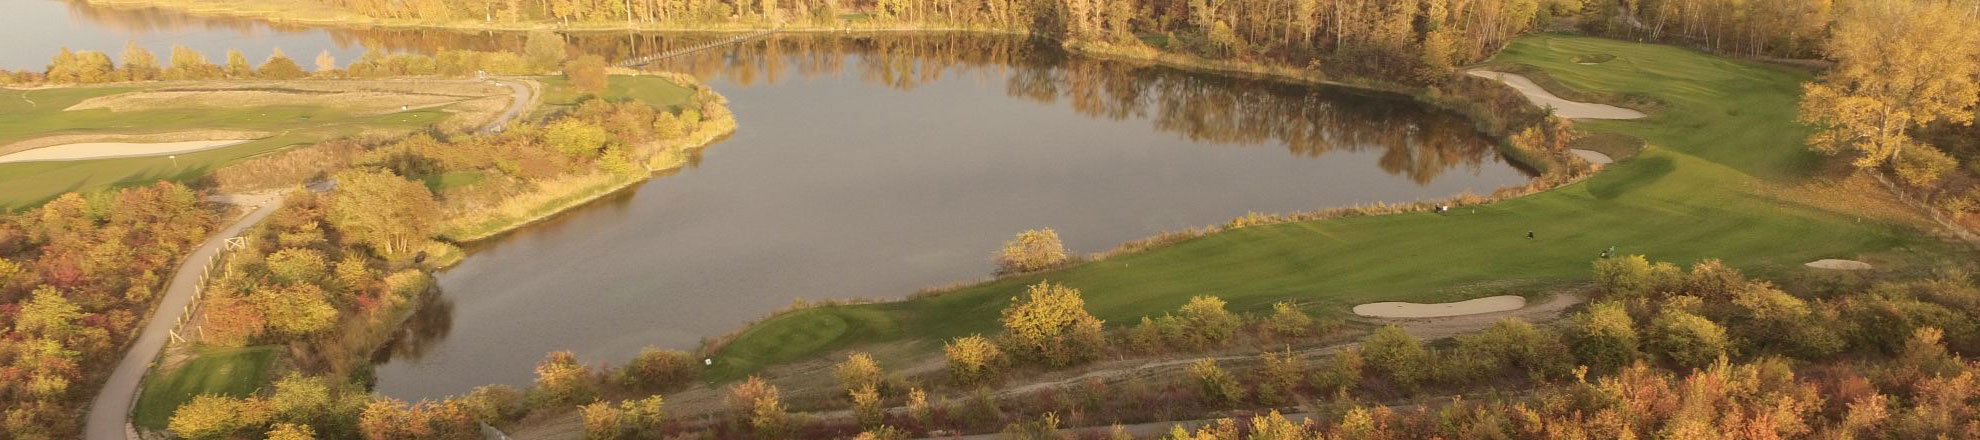 Luftbild von Loch 16 in Richtung Brücke